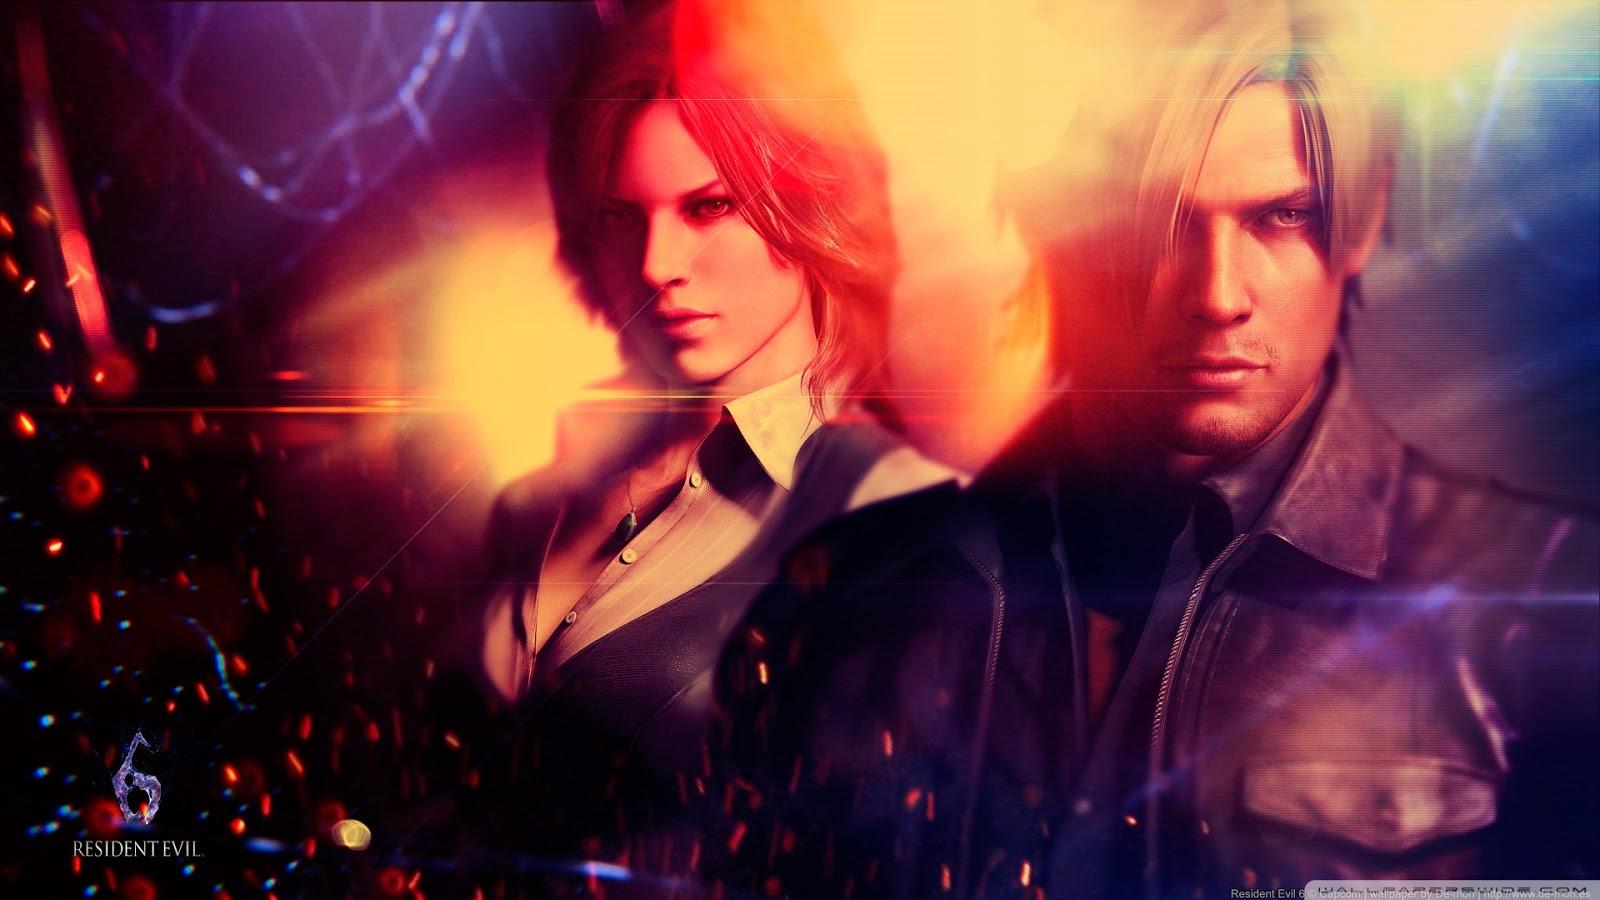 Killzone Shadow Fall Wallpaper 1080p Wallpapers Hd 13 Wallpapers De Resident Evil En Hd Y Full